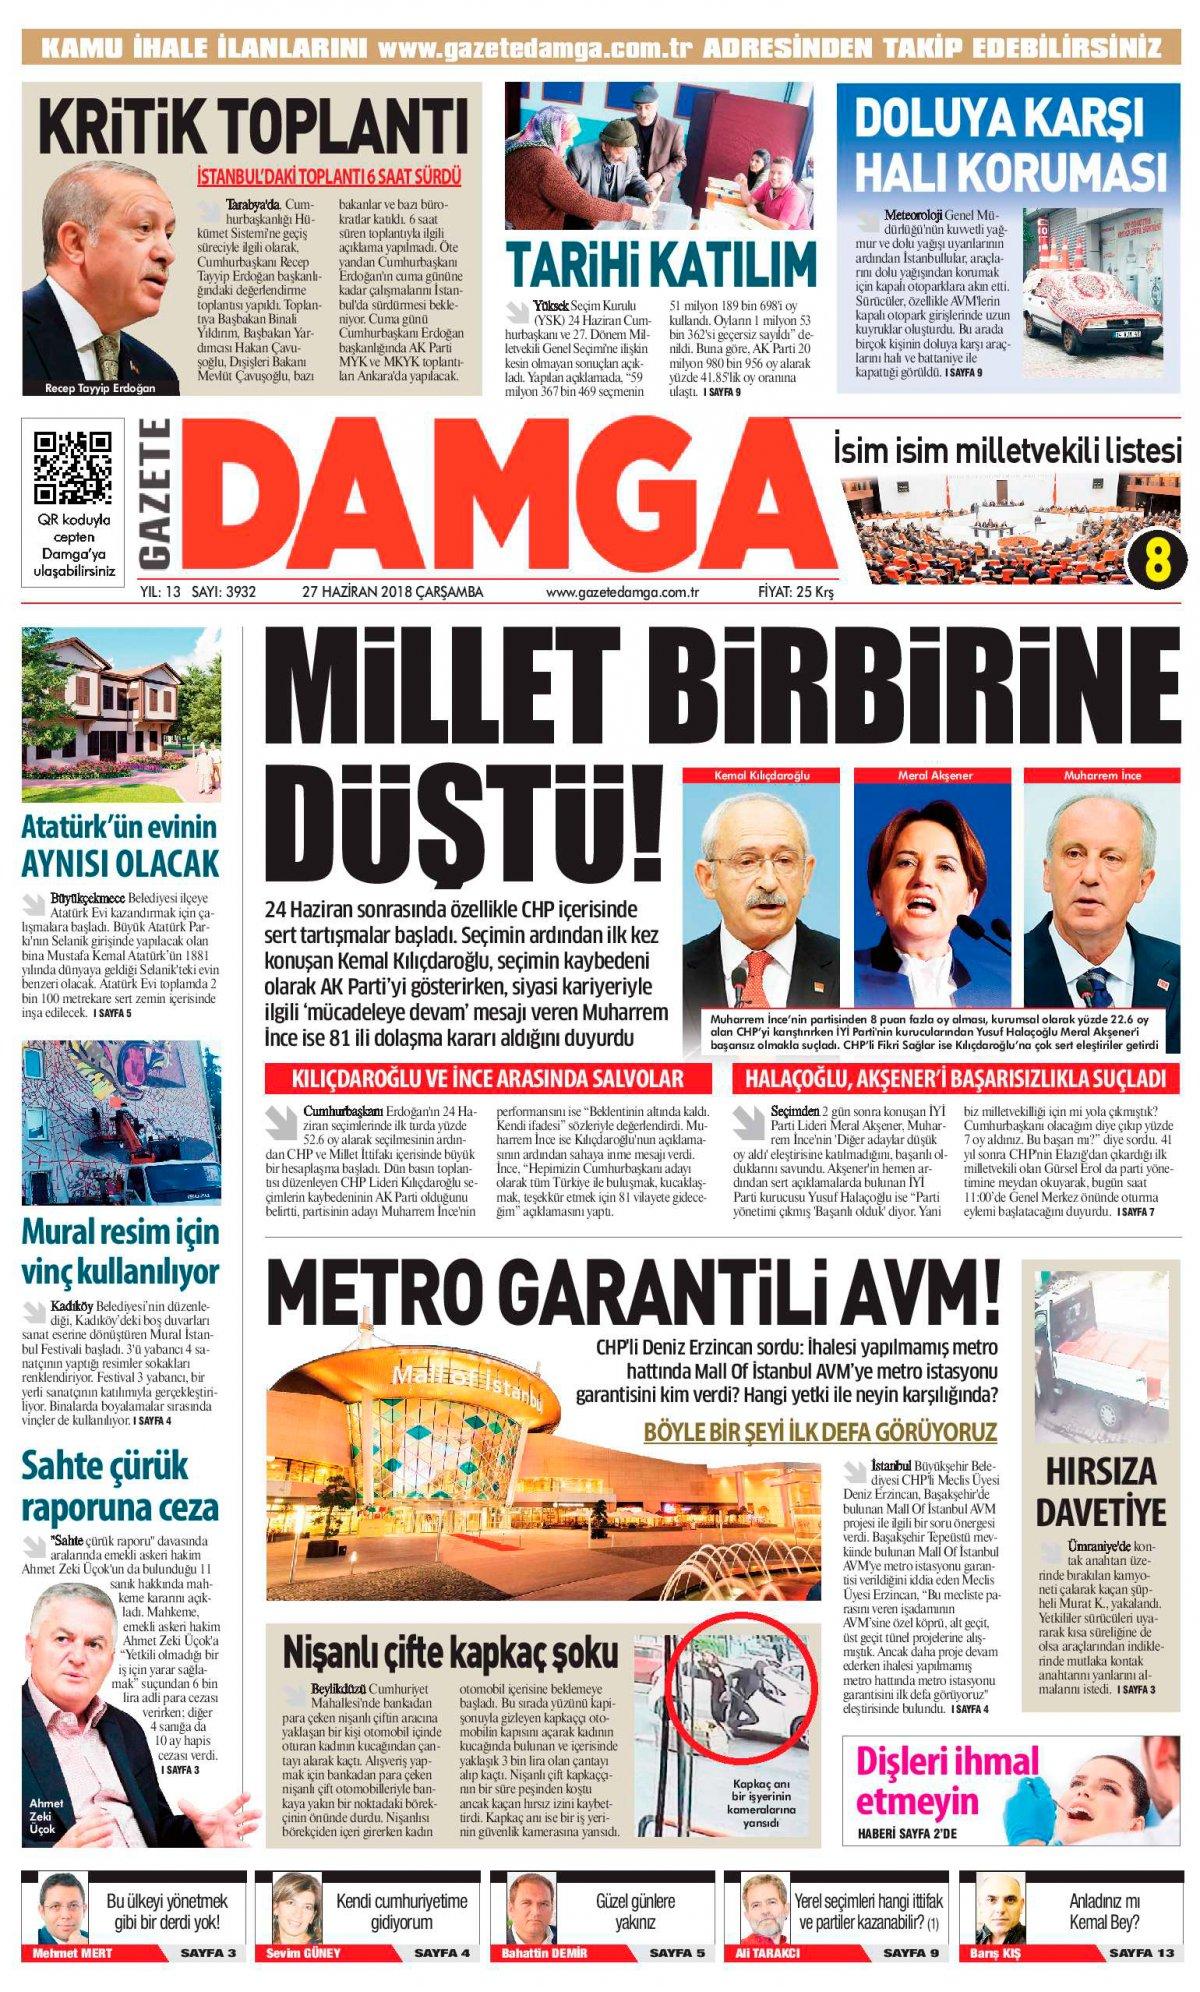 Gazete Damga - 27.06.2018 Manşeti